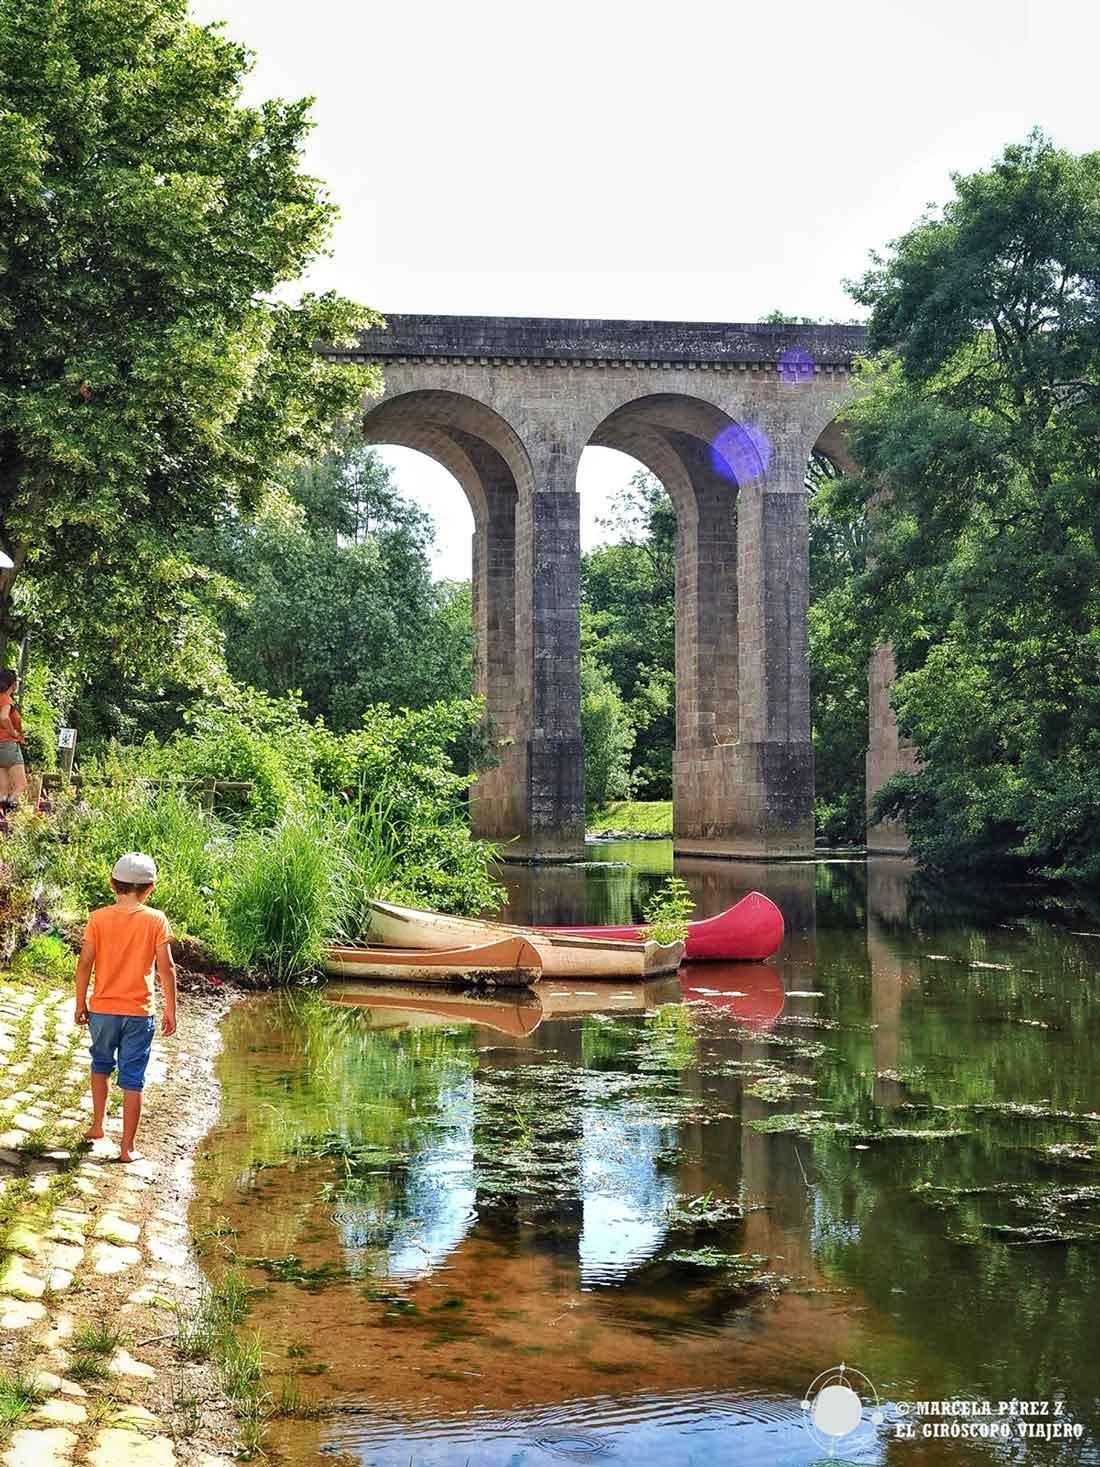 Viaducto de Clisson